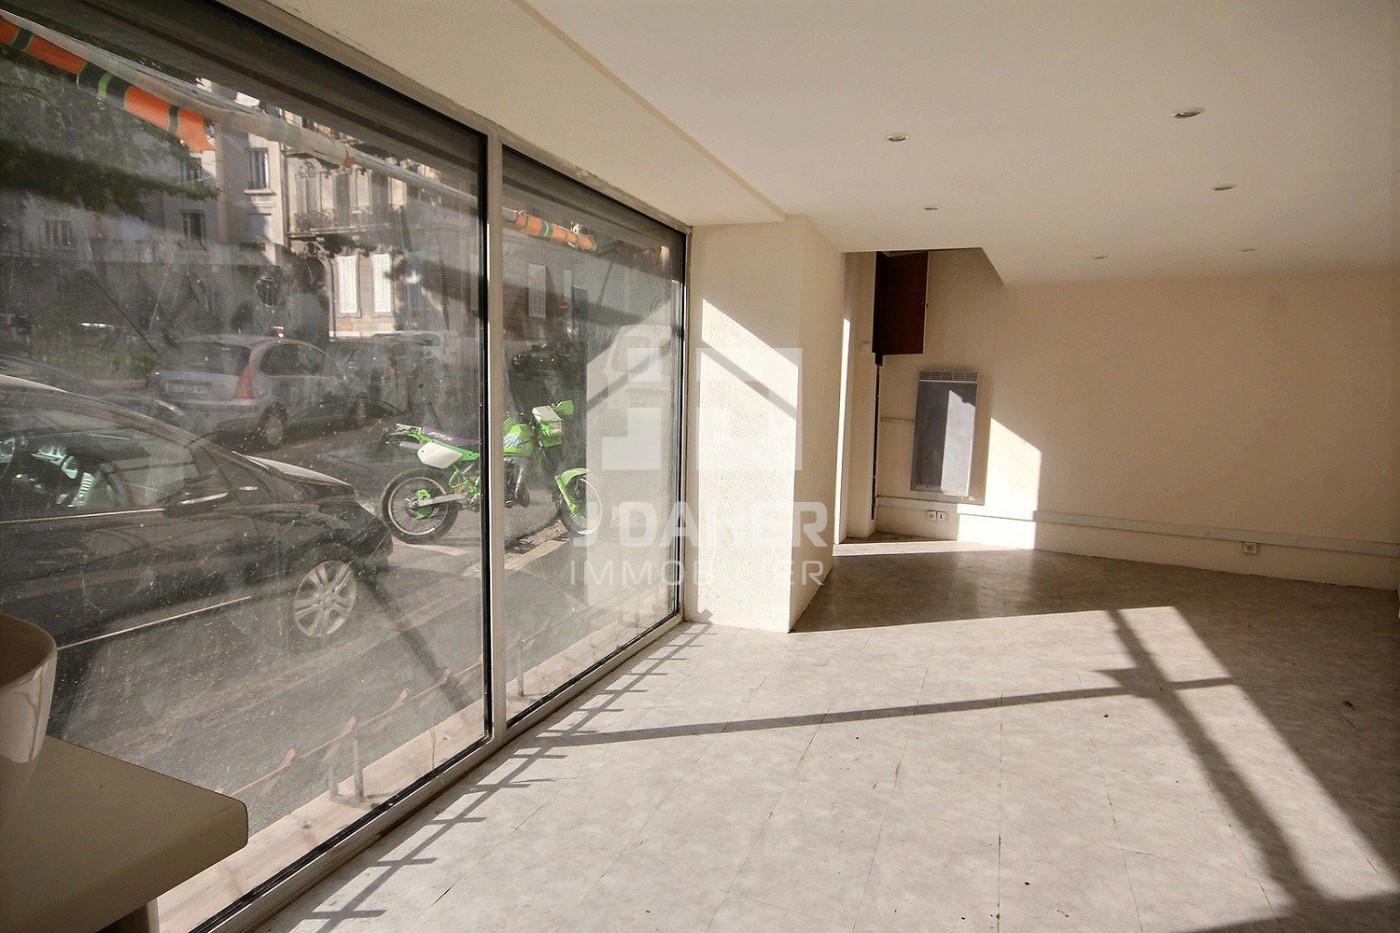 A vendre  Marseille 1er Arrondissement | Réf 130251058 - J daher immobilier